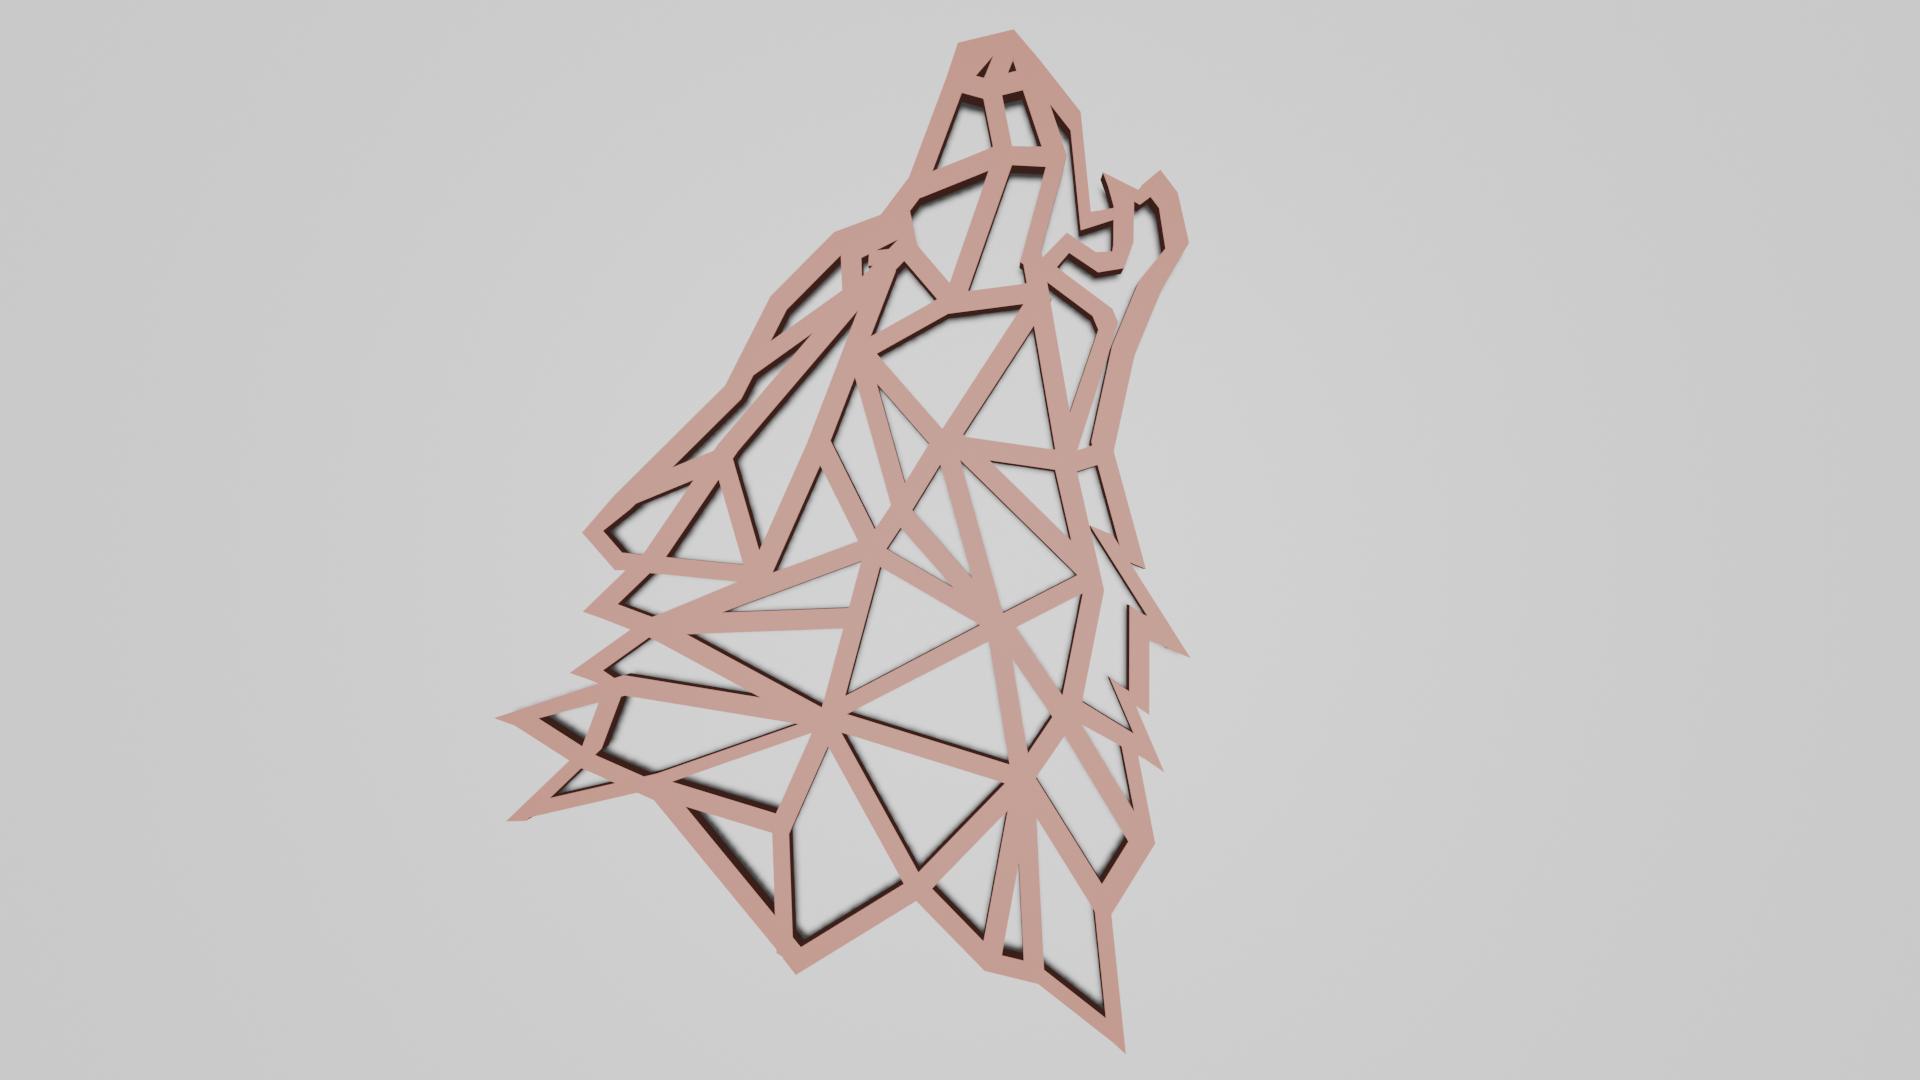 lowpoly_loups2_render.png Télécharger fichier STL gratuit Pendentif Loup • Objet pour imprimante 3D, Dawani_3D